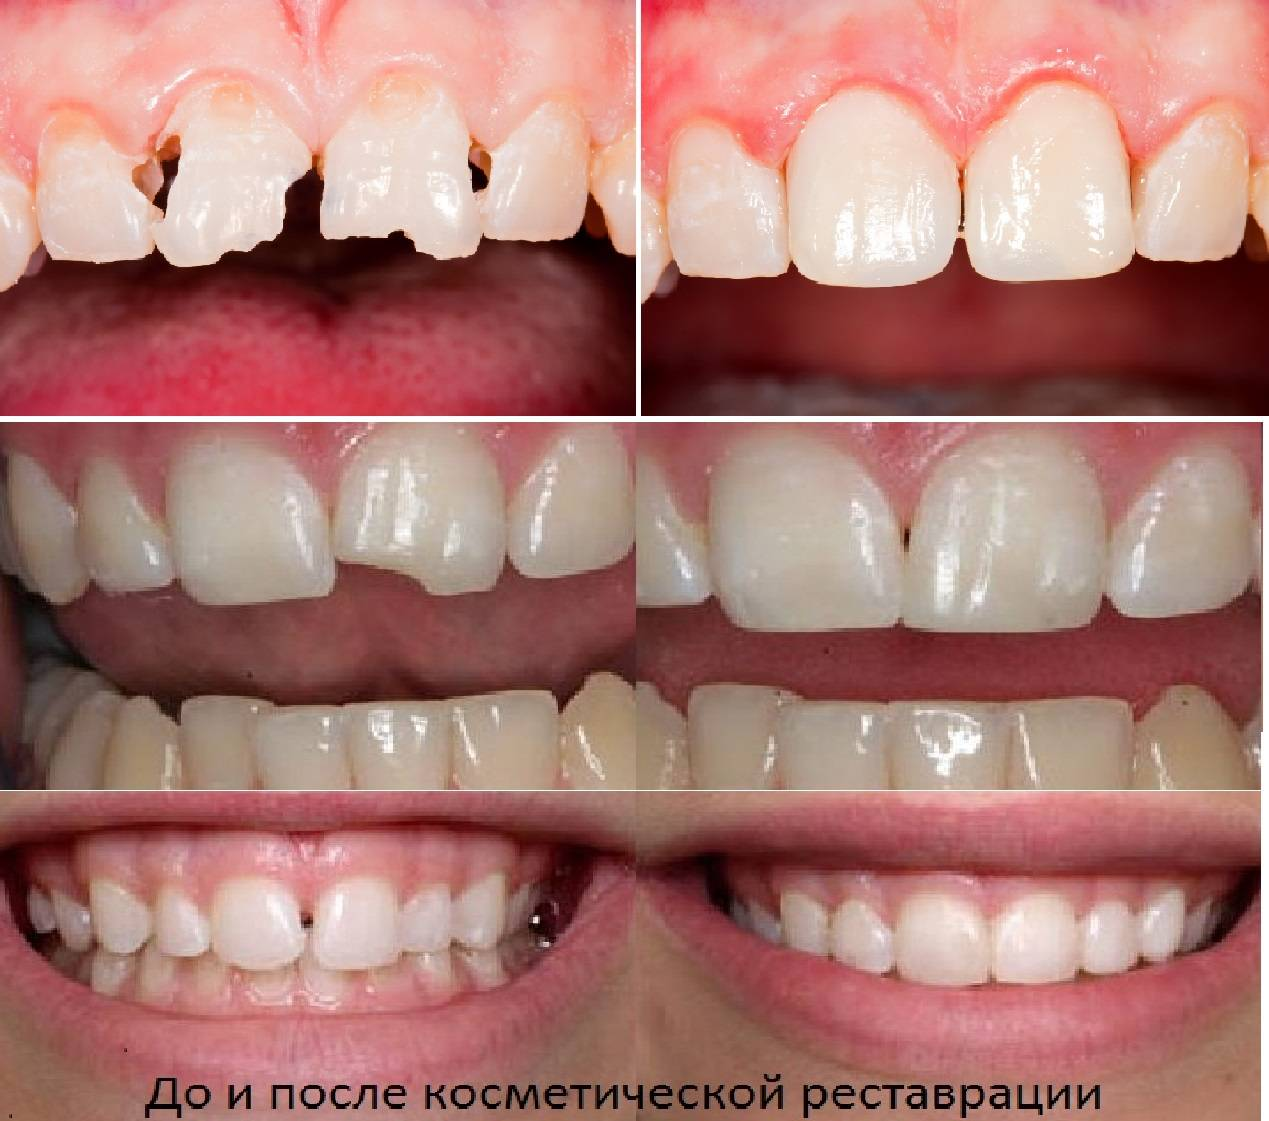 Реставрация зубов: улыбайтесь, господа, улыбайтесь!